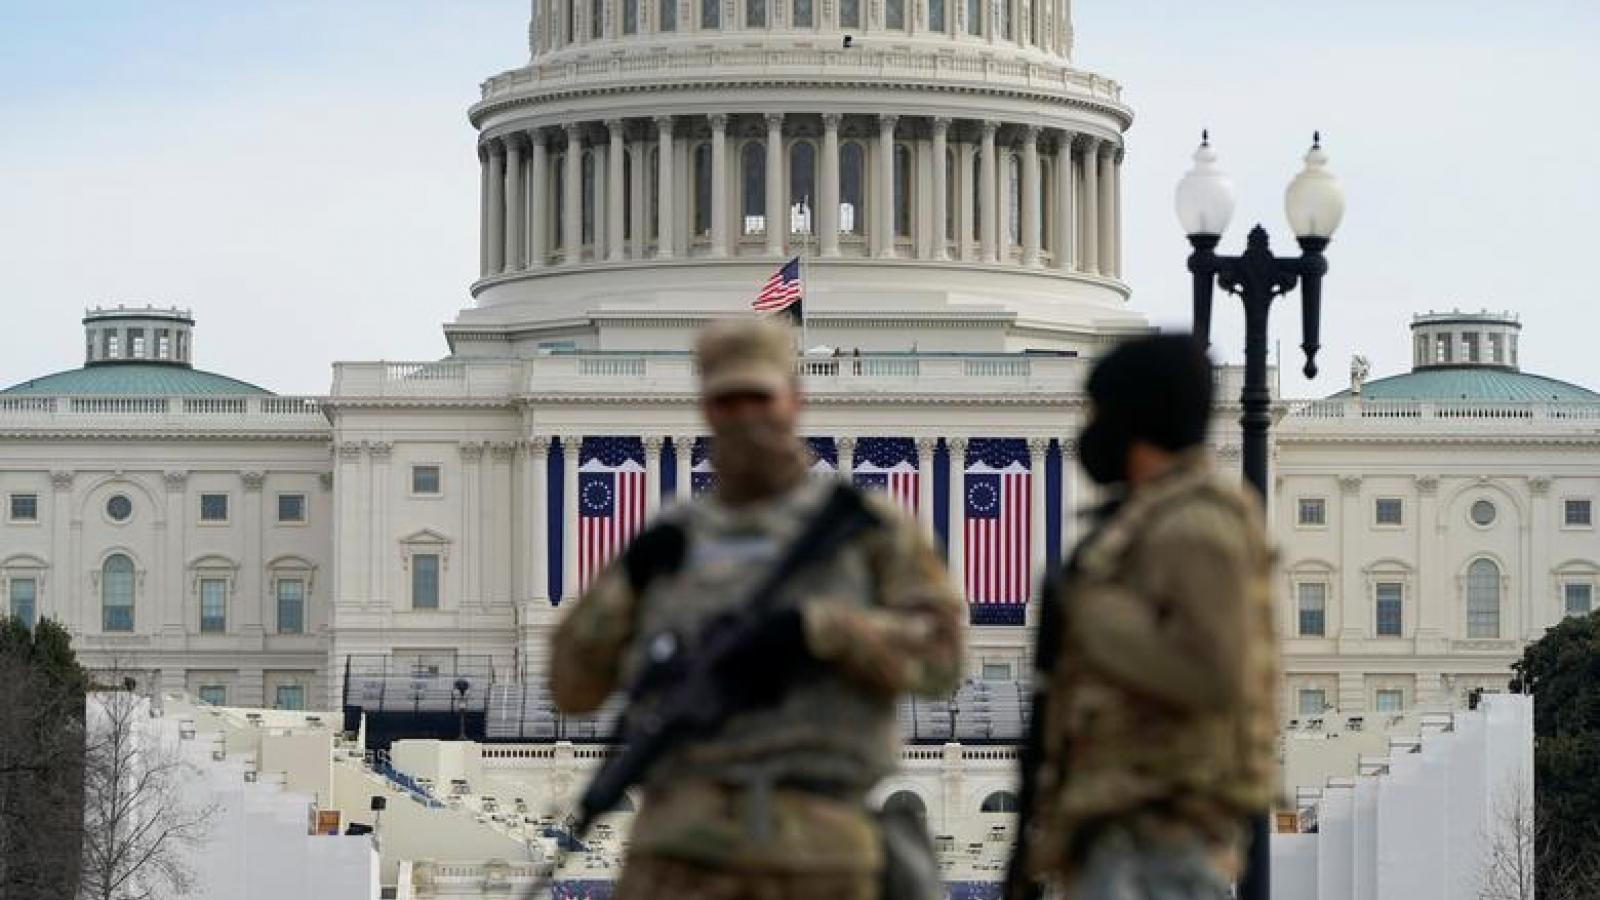 Tòa nhà Quốc hội Mỹ bị phong tỏa khi đang diễn ra diễn tập cho lễ nhậm chức tổng thống